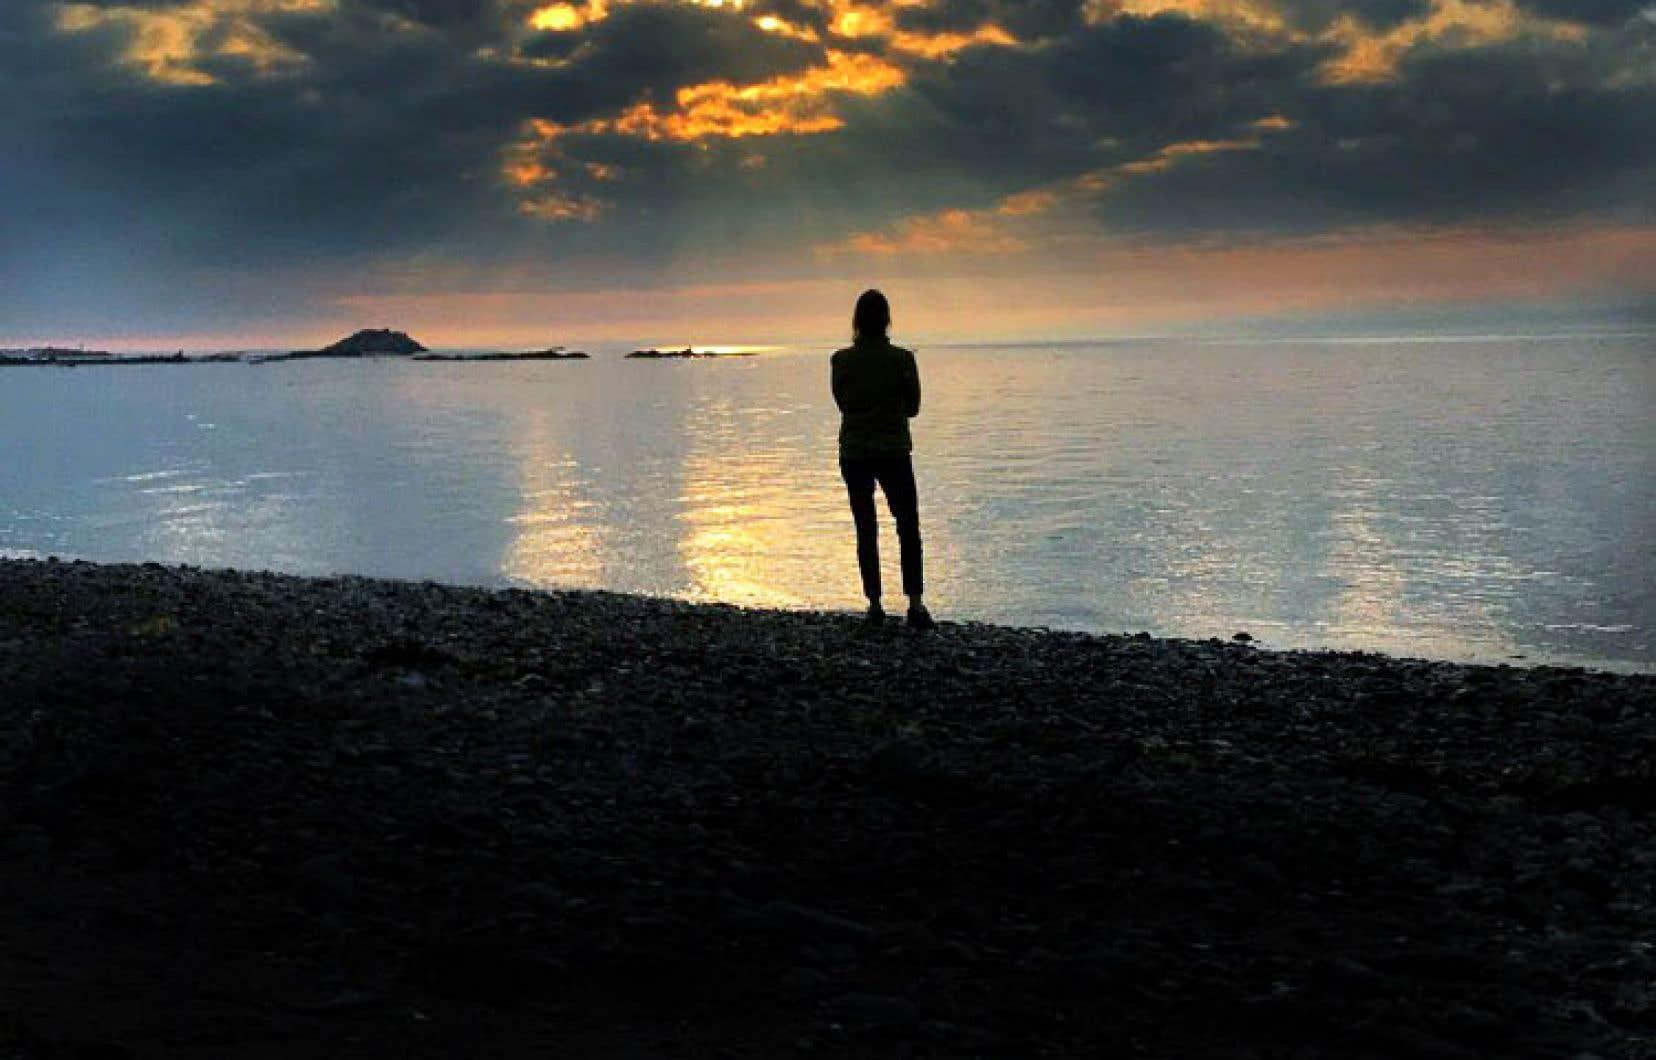 Il ne faut pas sous-estimer l'influence du large. Joblo face au soleil couchant de Métis-sur-Mer.